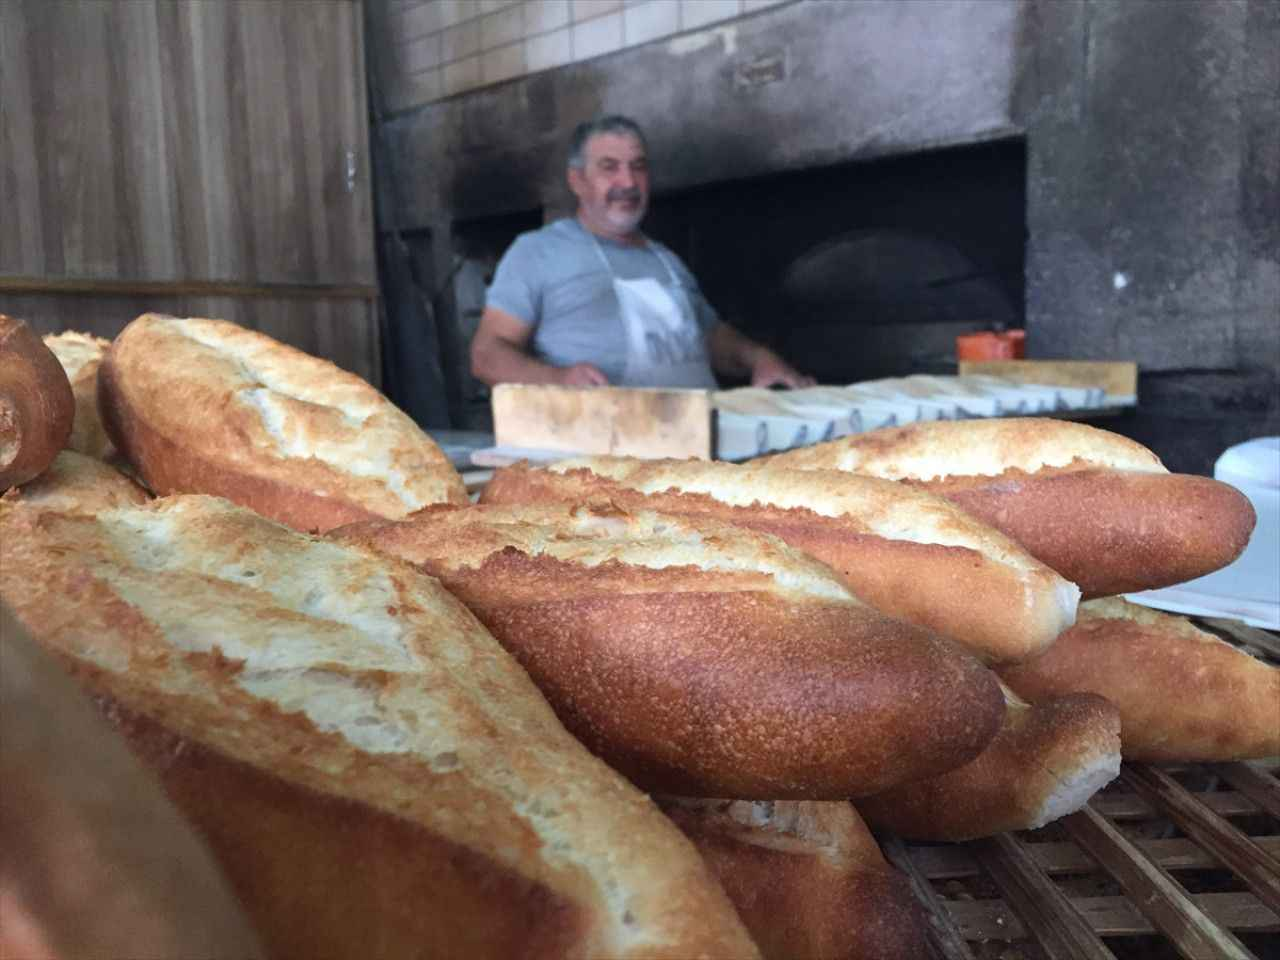 300 yıllık tarihi taş fırında 6 kuşaktır ekmek üretiliyor - Ereğli Haberleri